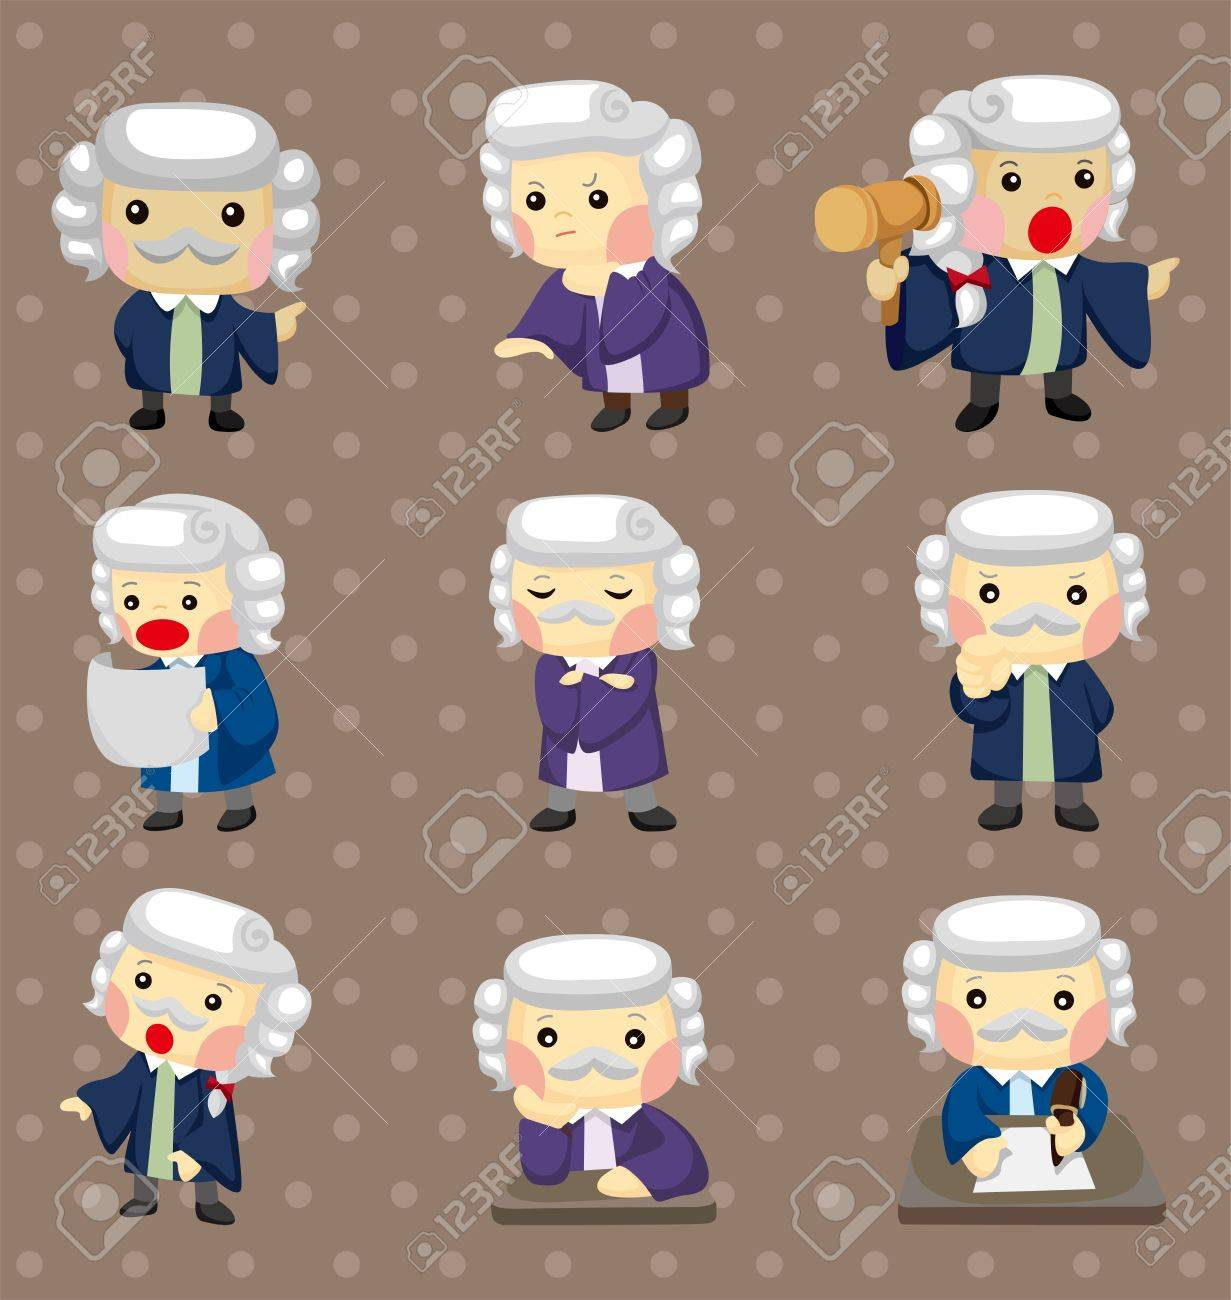 cartoon Judge stickers Stock Vector - 14731117